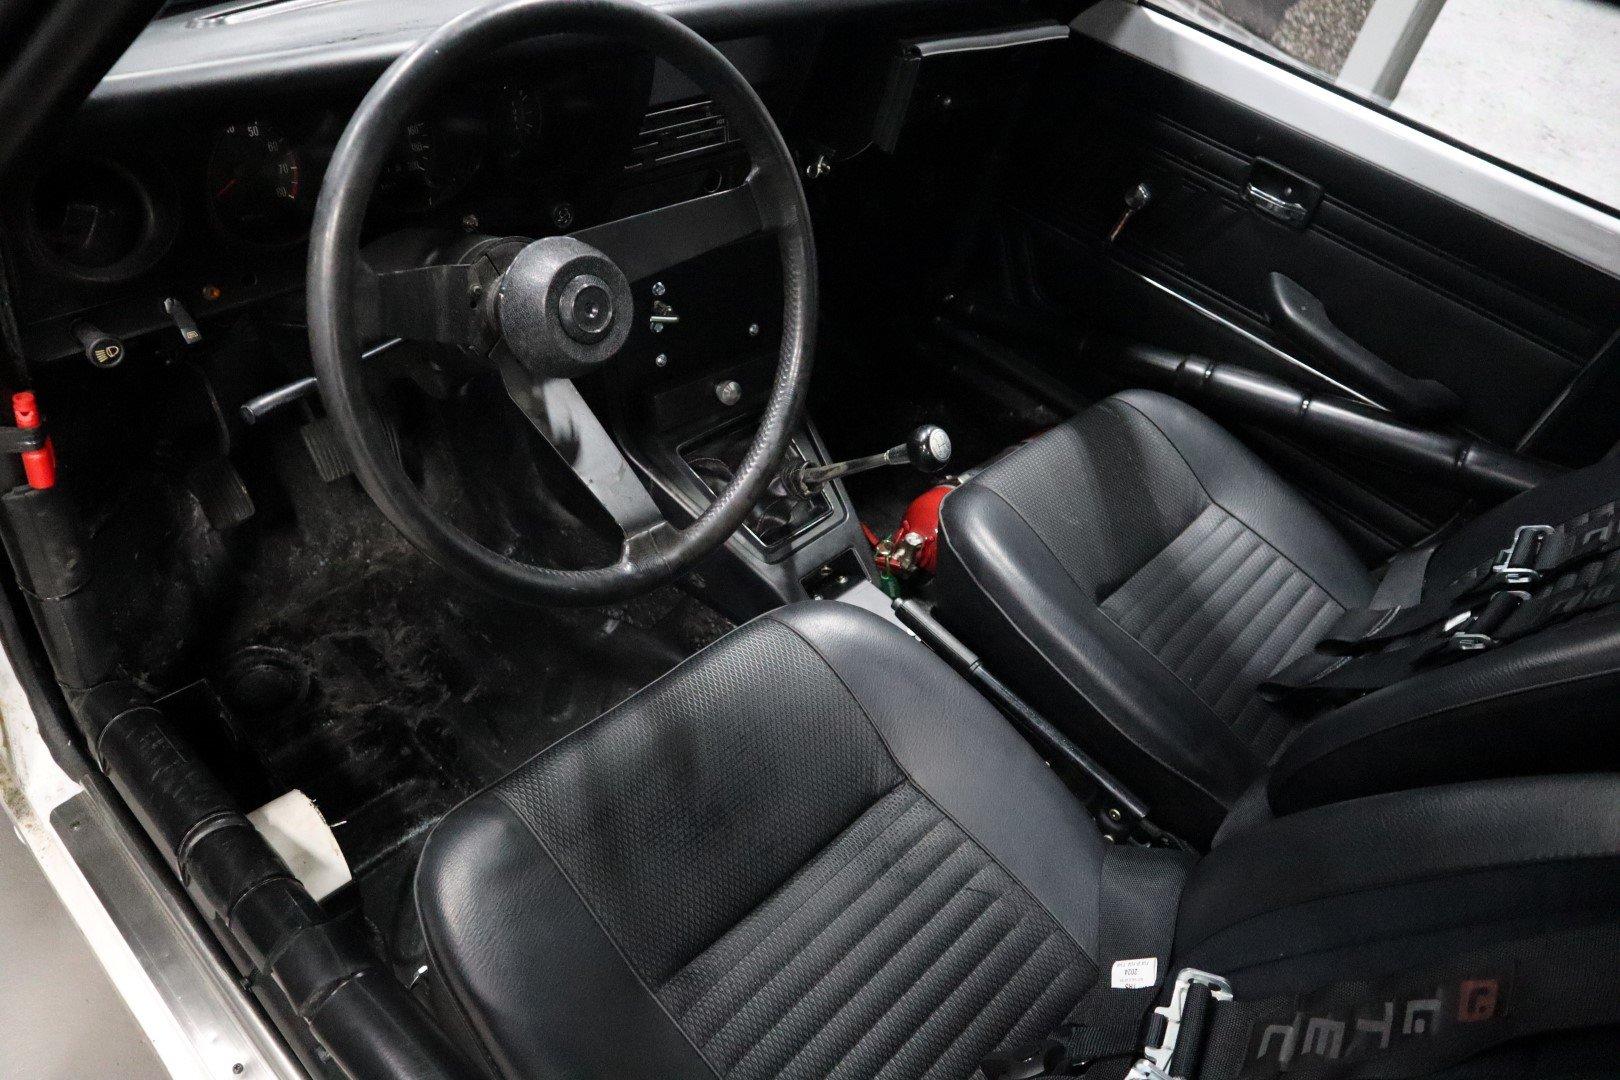 1977 Mitsubishi Lancer 1600 GSR Safari Rally For Sale (picture 9 of 12)